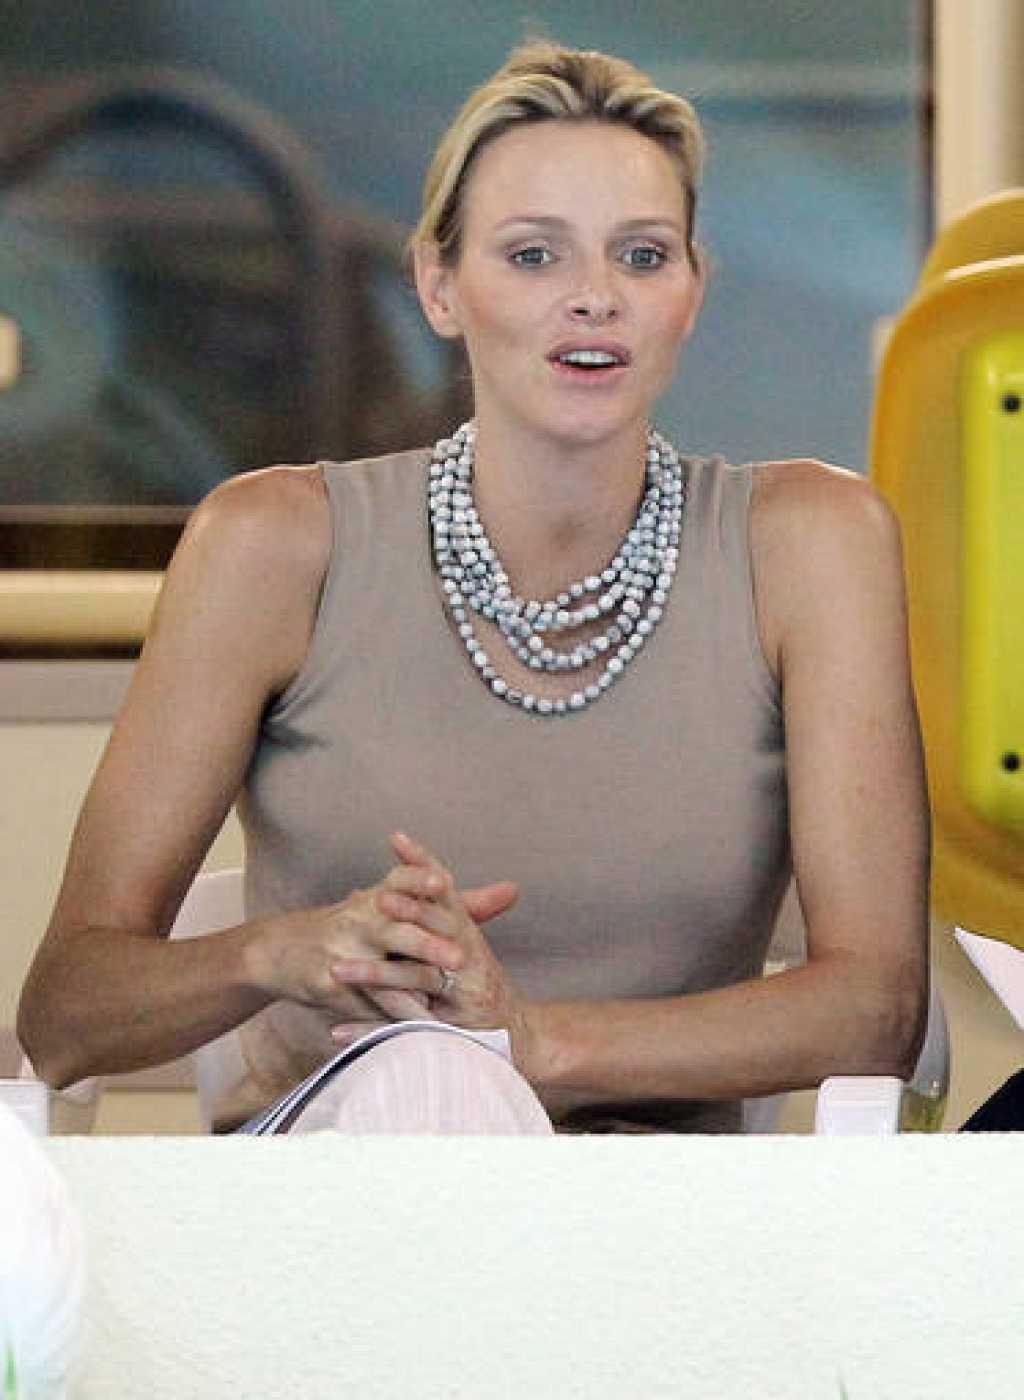 Charlene Wittstock ha dejado el deporte profesional para convertirse en la nueva Alteza Serenísima de Mónaco.